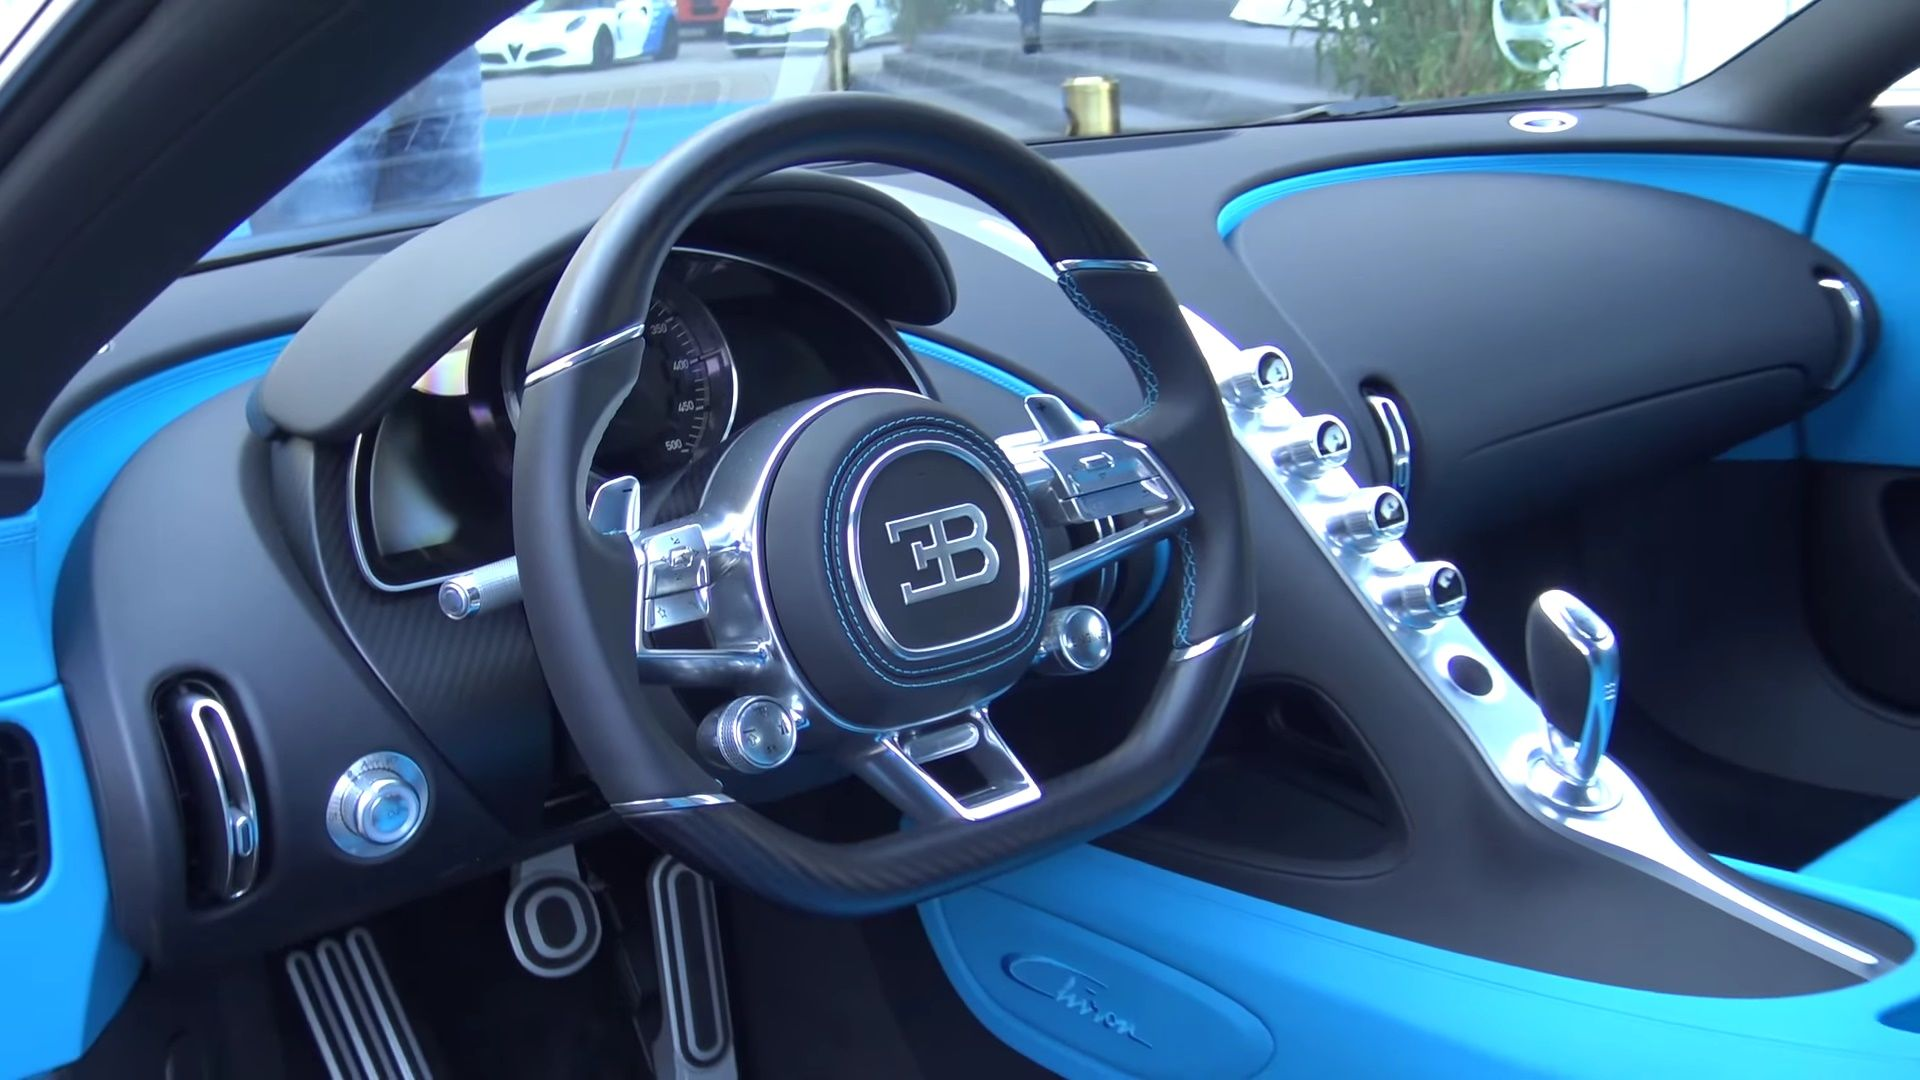 1500hp bugatti chiron interior view black and blue interior 3 auto addiction interiors. Black Bedroom Furniture Sets. Home Design Ideas